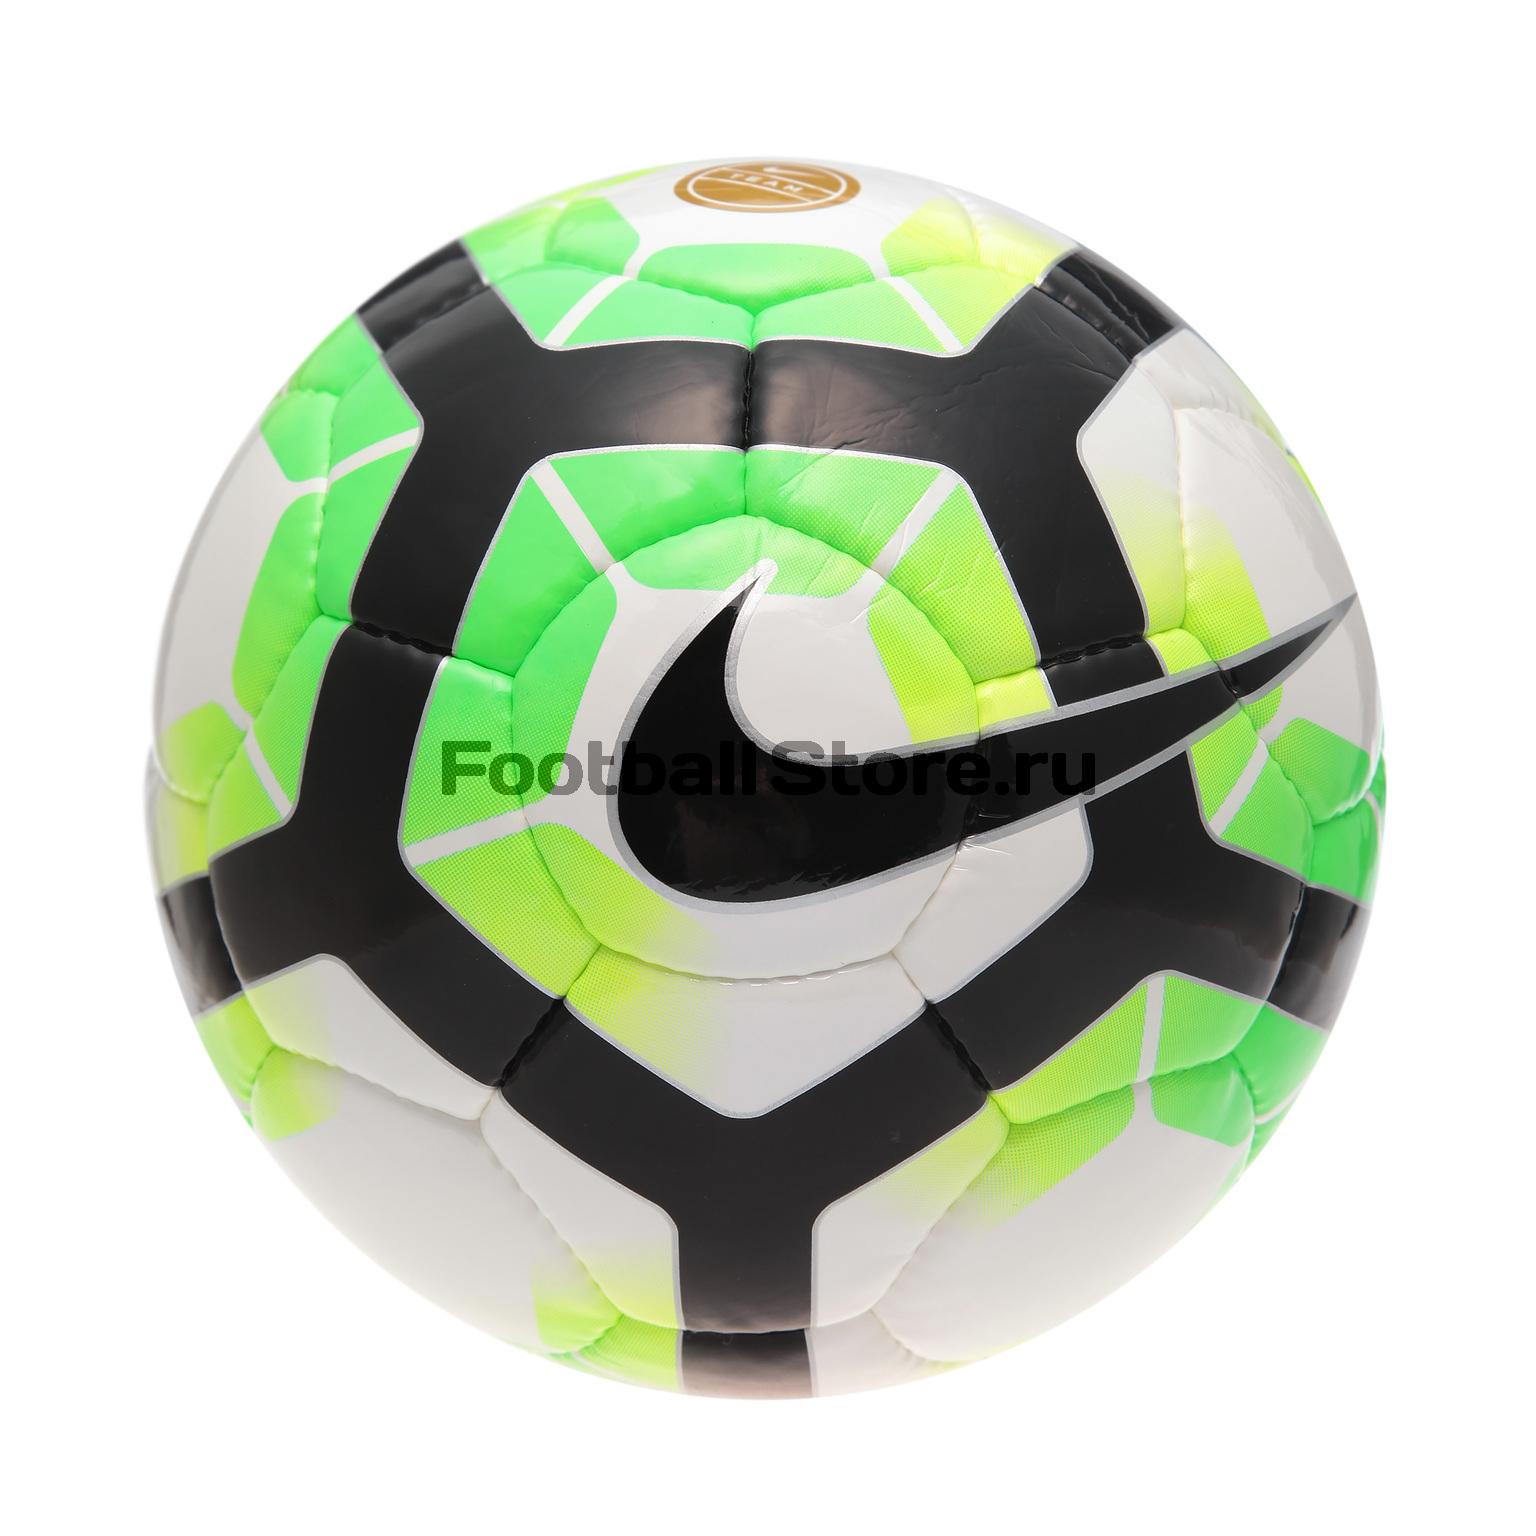 Футбольный мяч Nike NK Prmr Team SC2971-100 цена